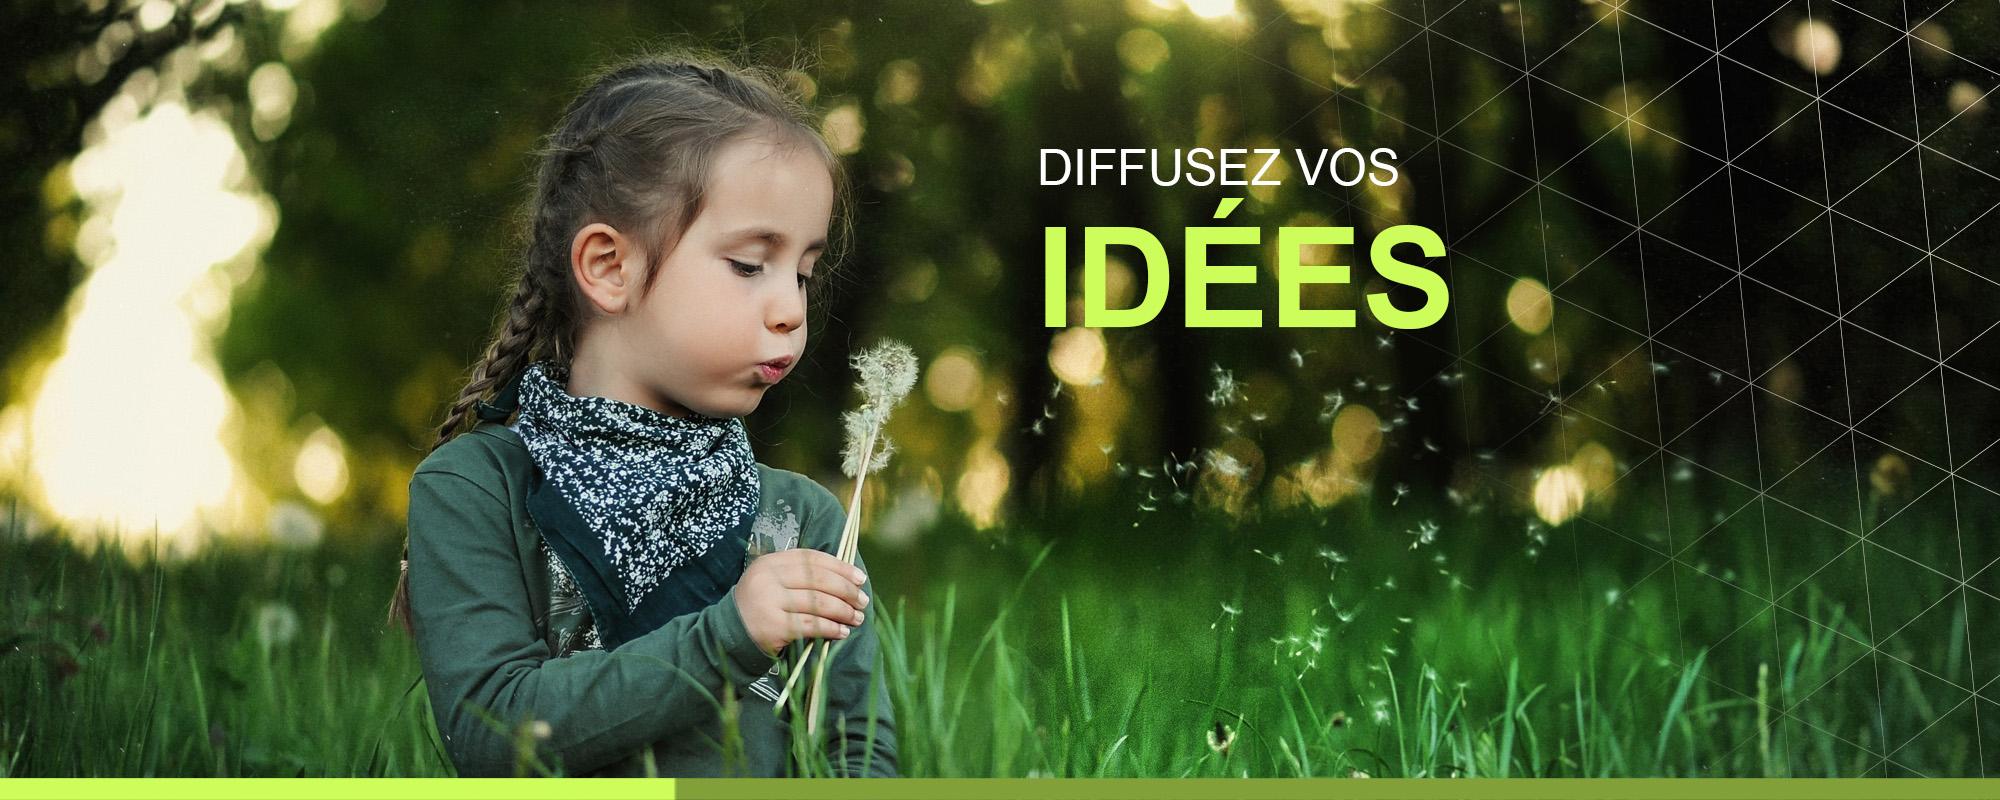 Diffusez vos idées